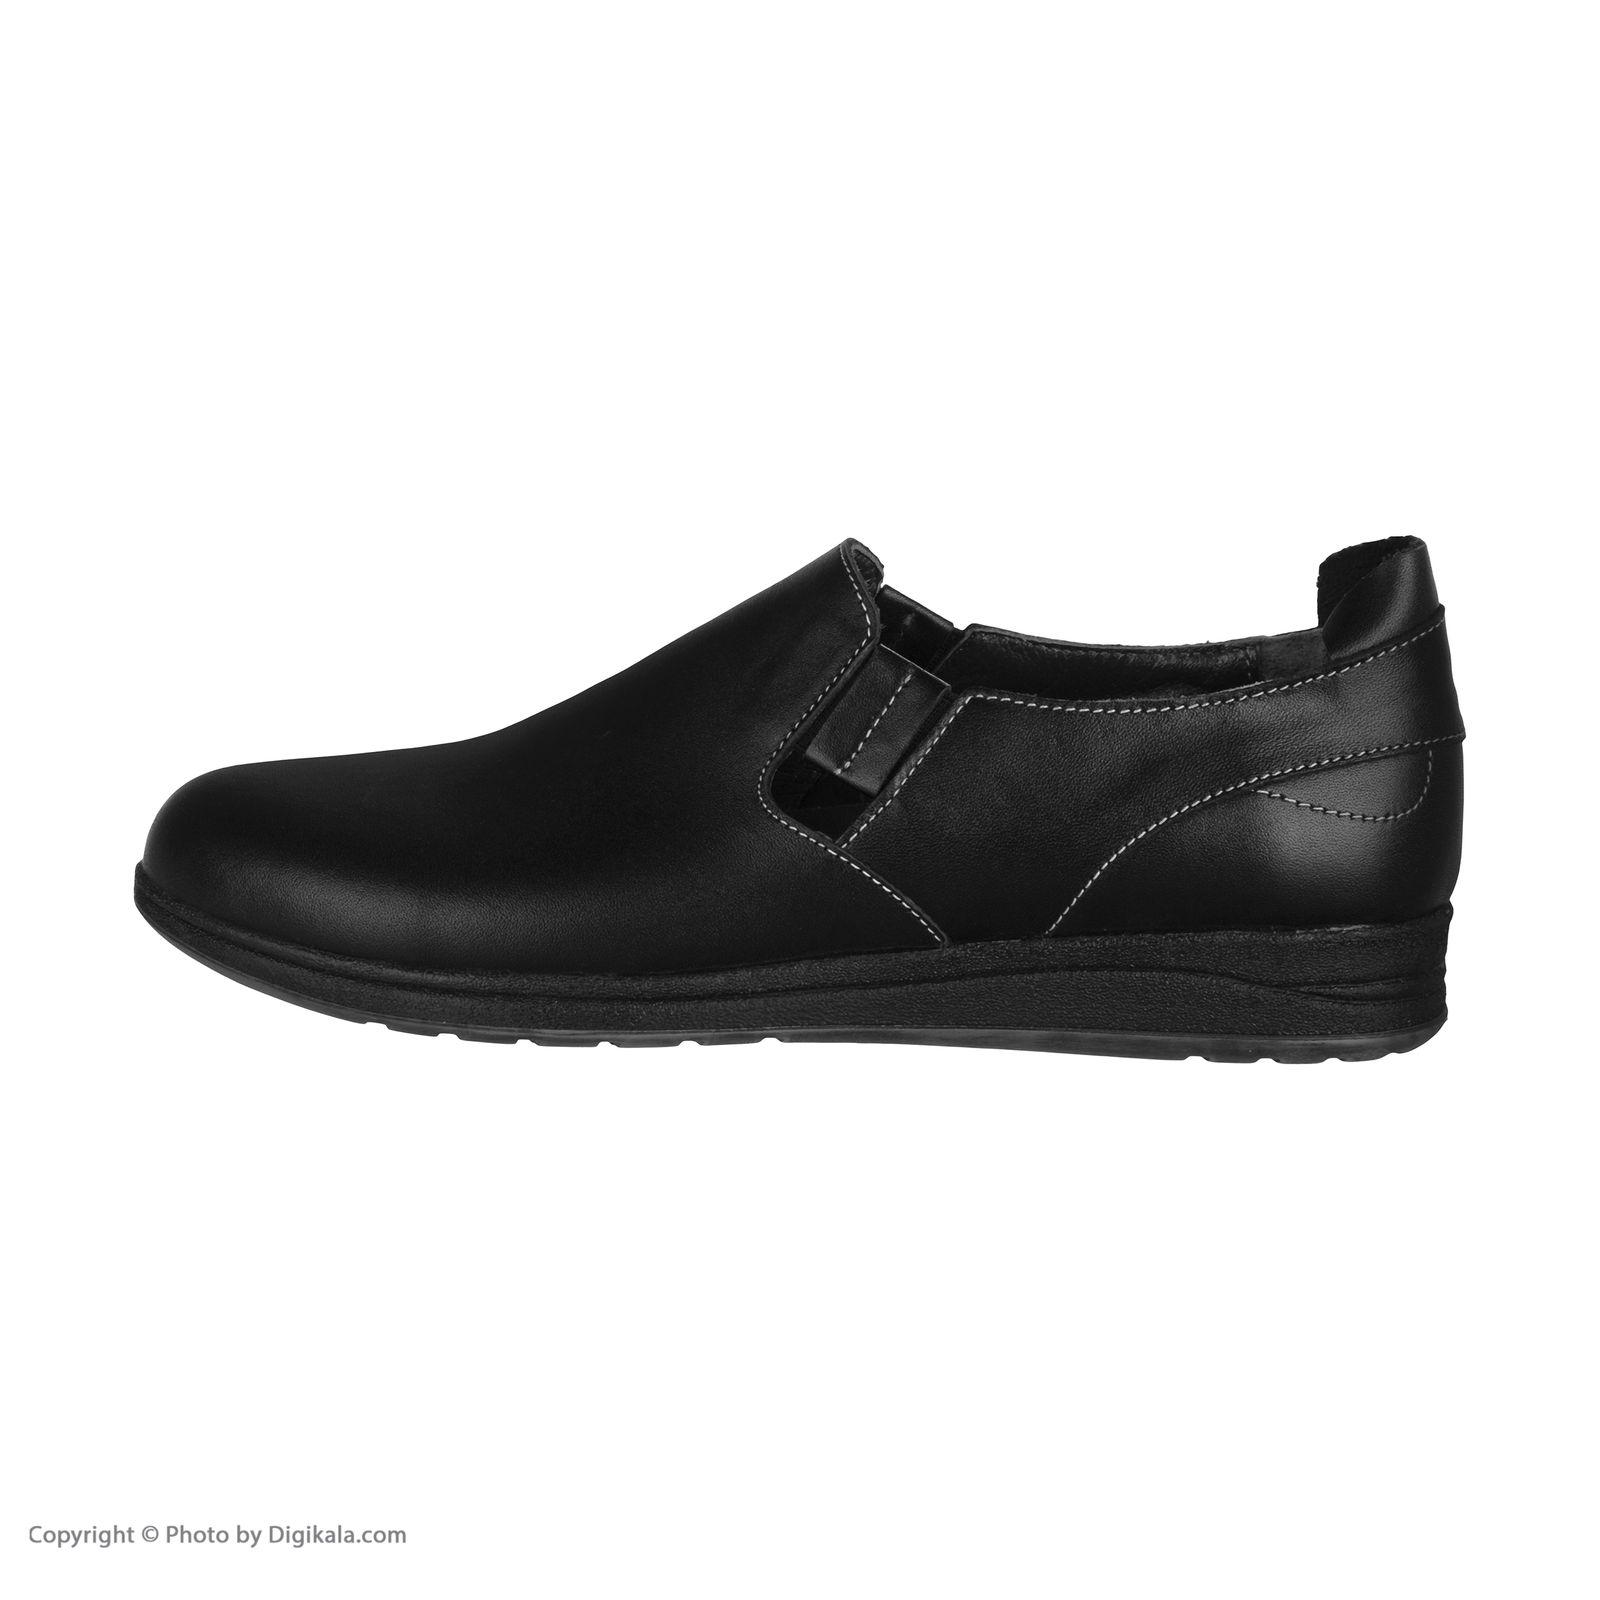 کفش روزمره زنانه سوته مدل 2958C500101 -  - 3